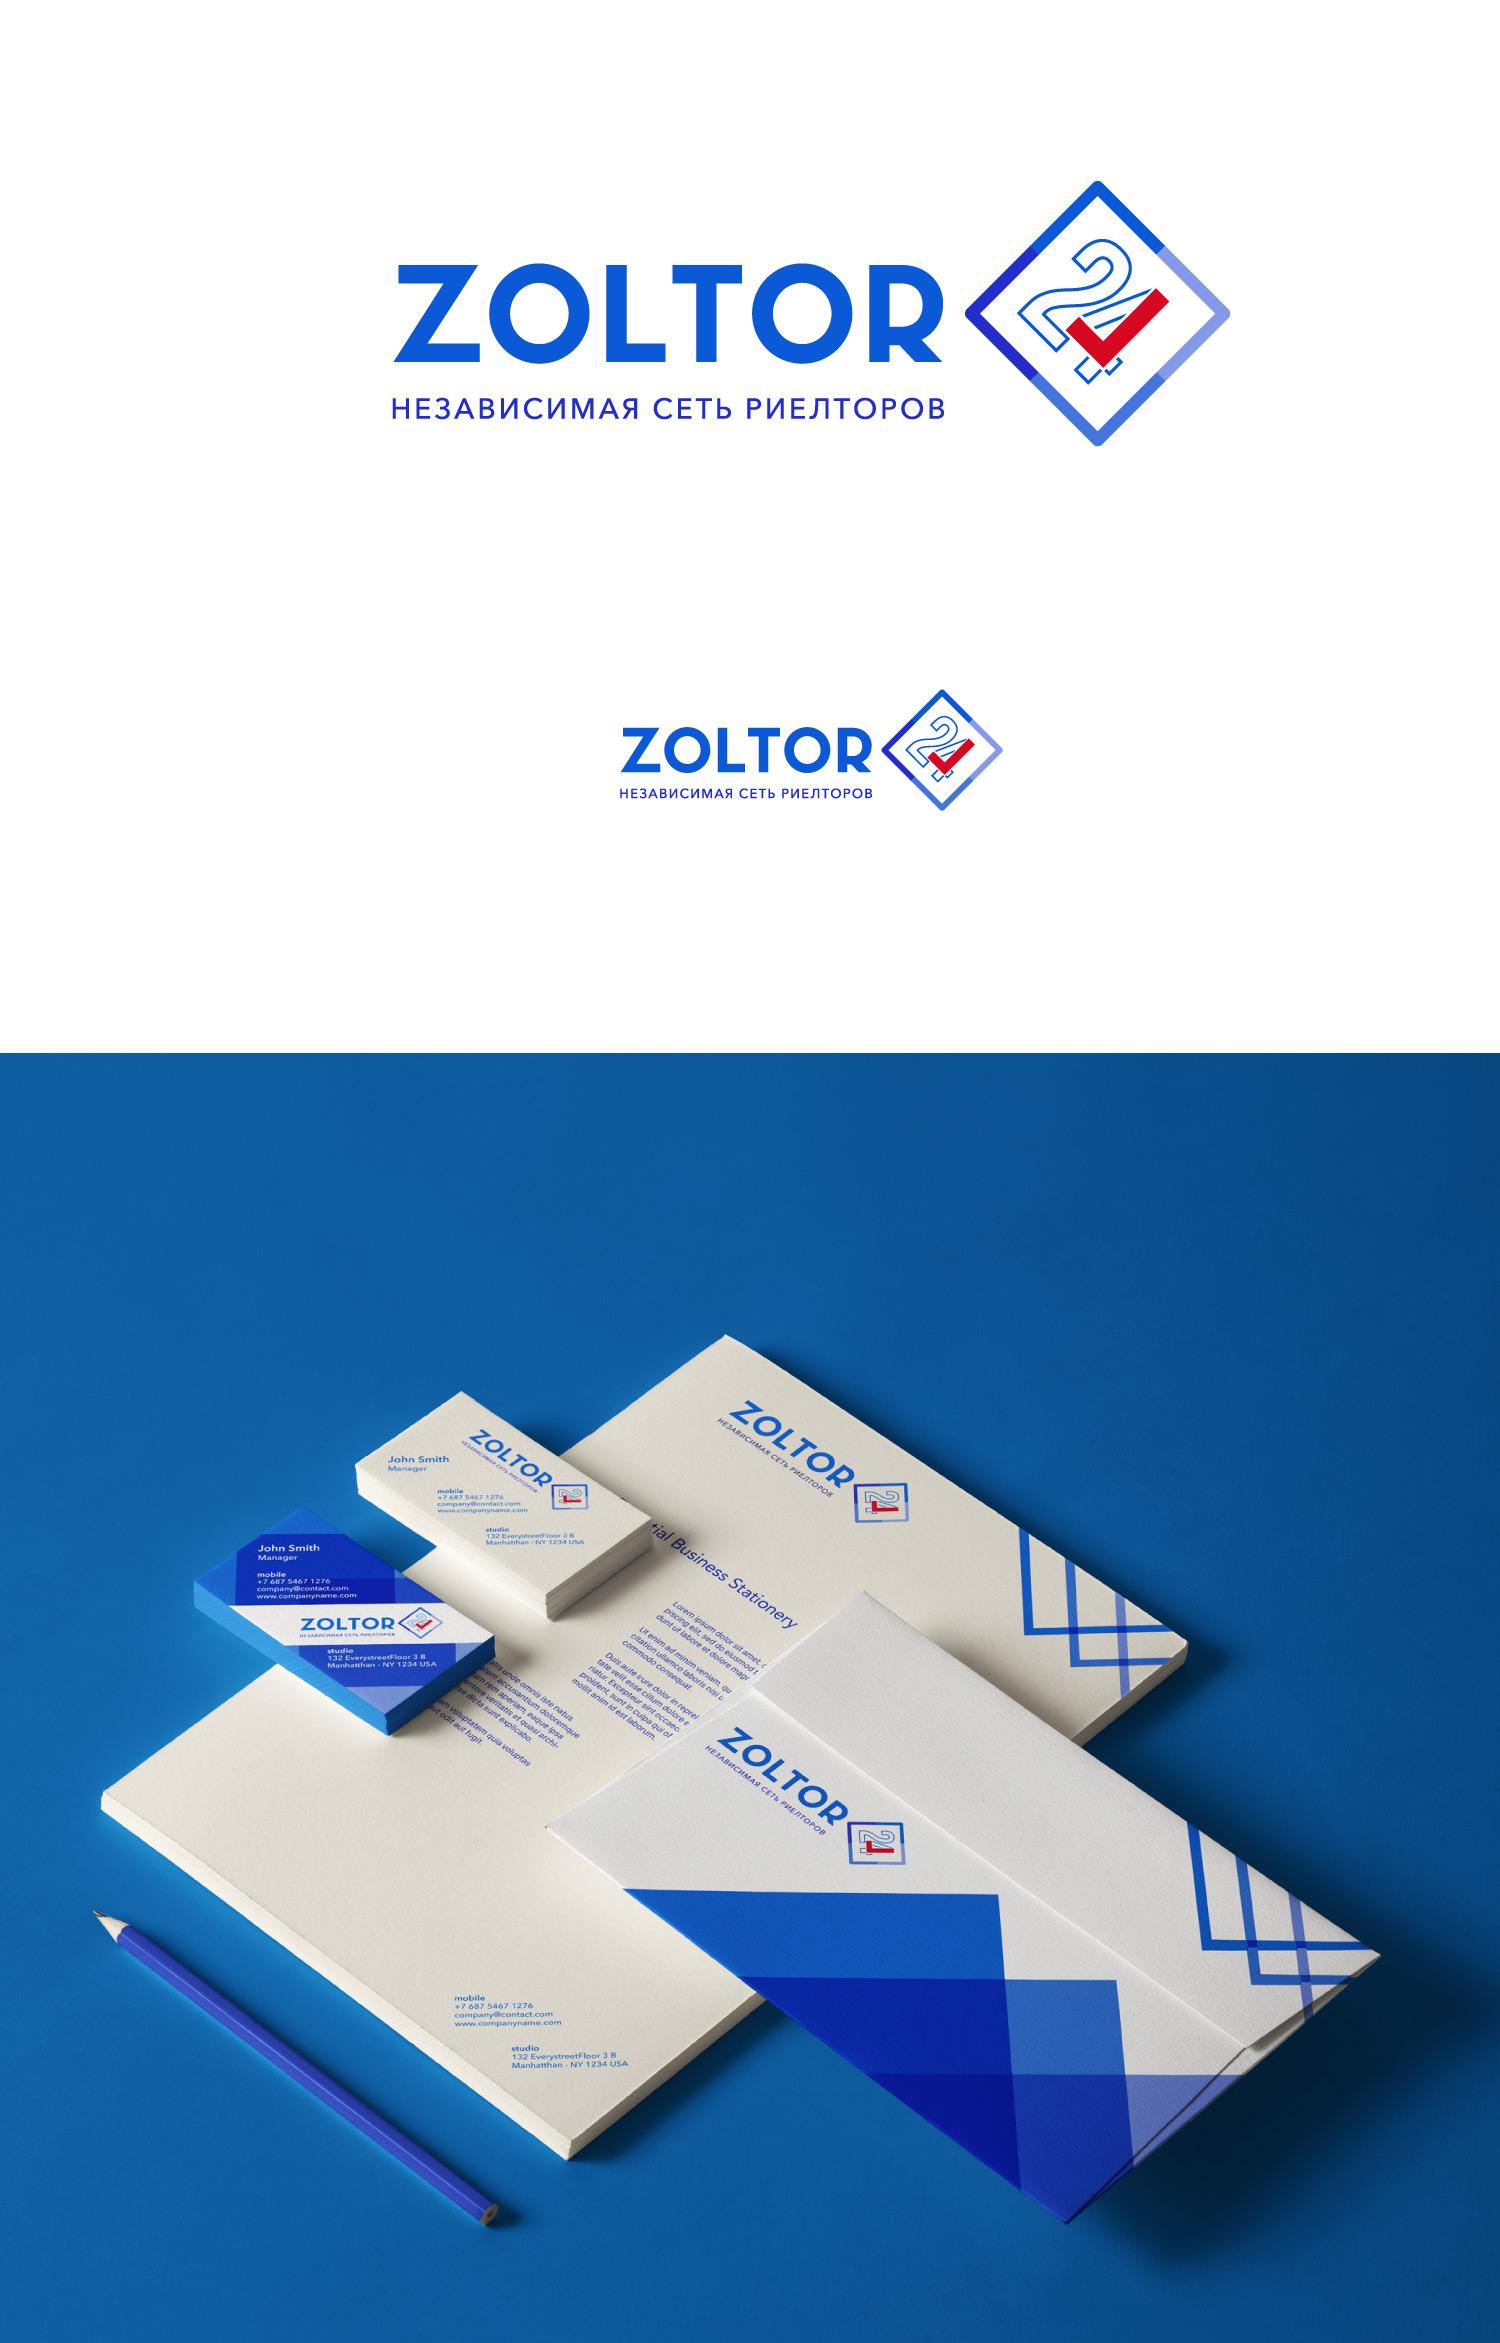 Логотип и фирменный стиль ZolTor24 фото f_0985c913488ebcbd.jpg